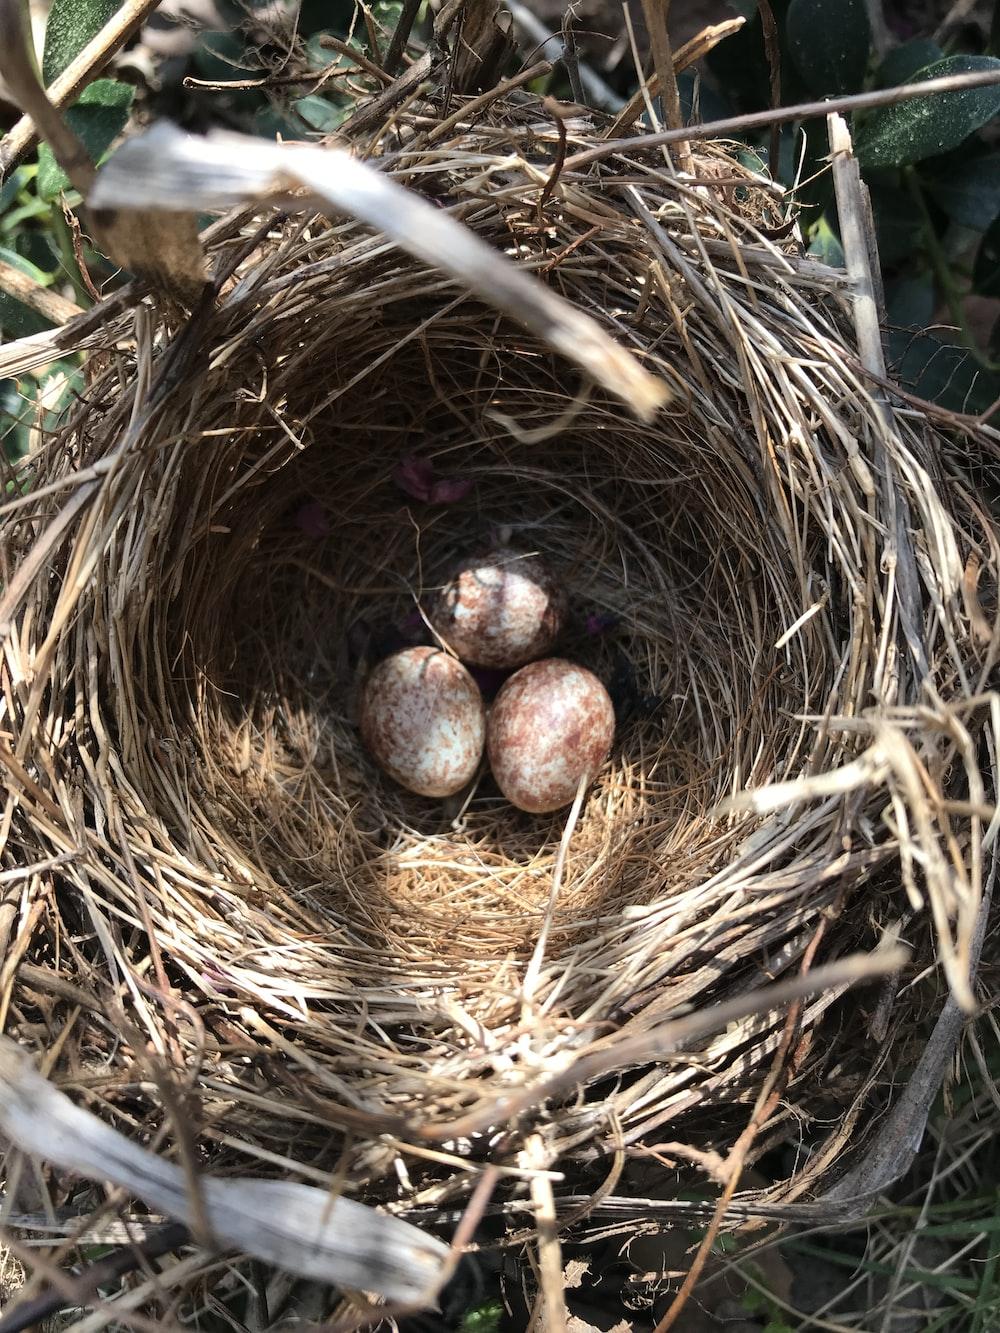 brown round fruit on brown nest